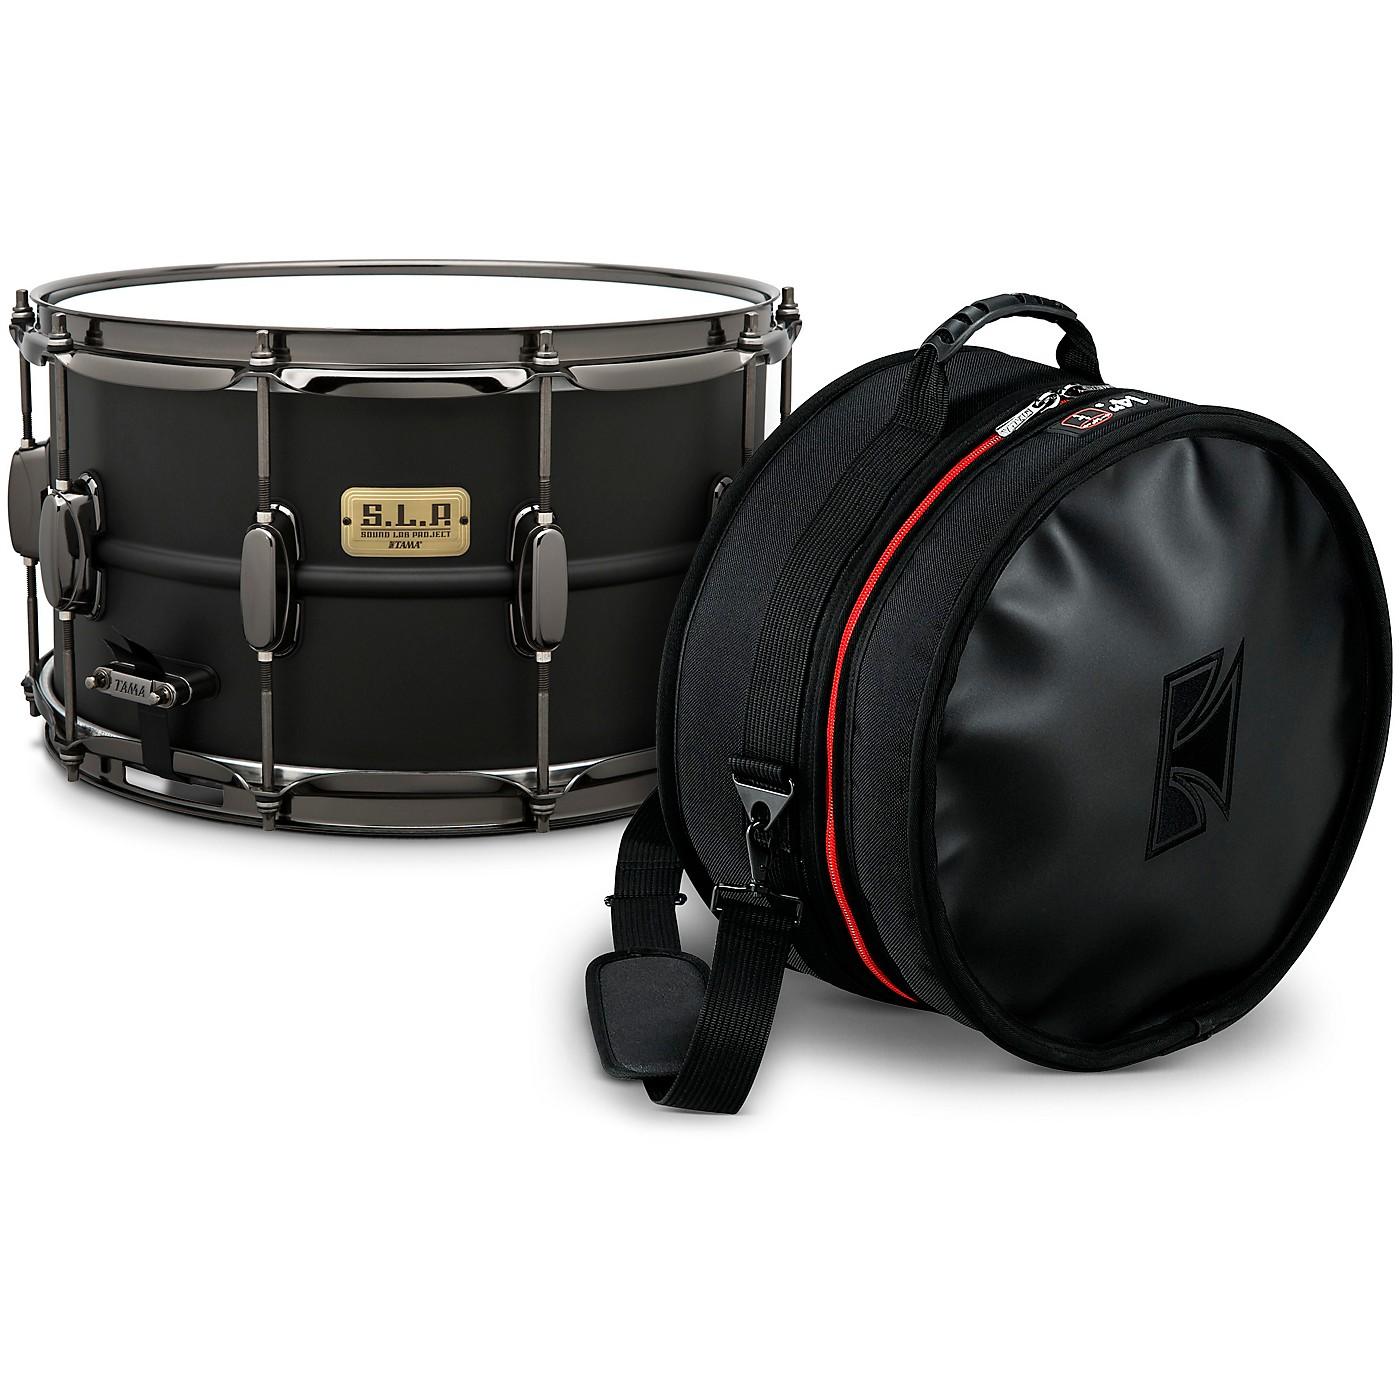 TAMA S.L.P. Big Black Steel Snare Drum with Tama Bag thumbnail